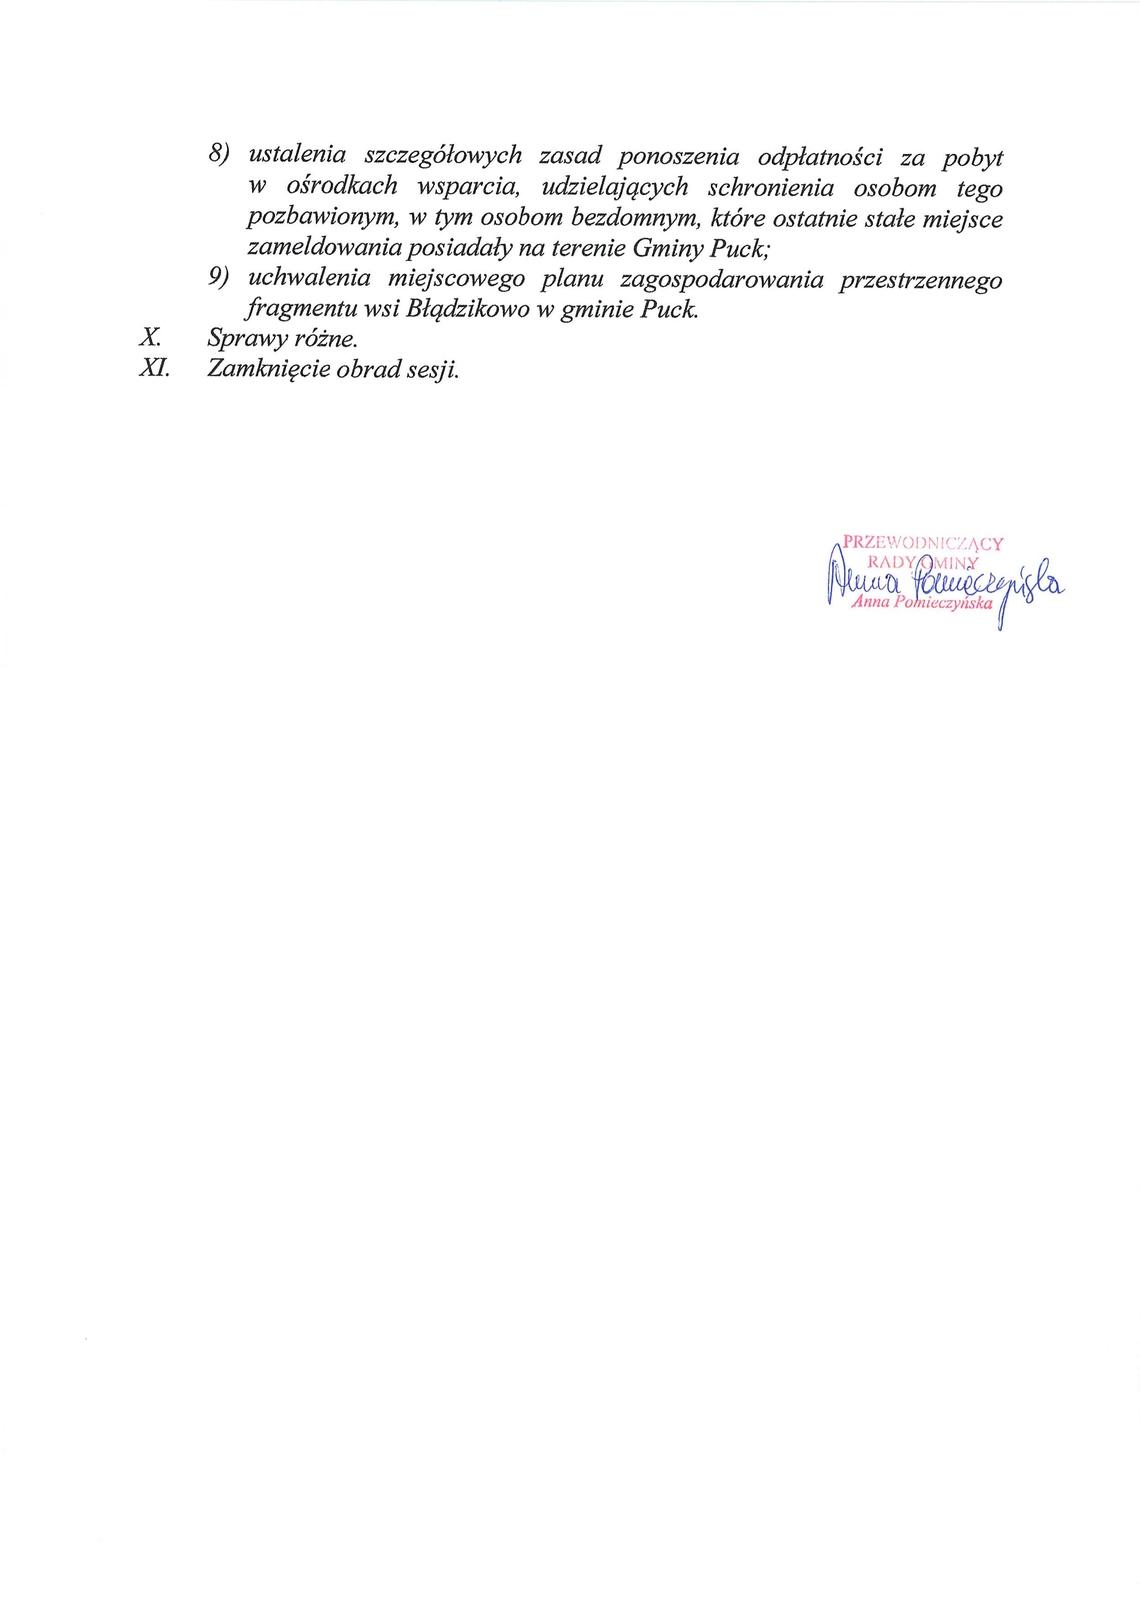 Proponowany porządek obrad XLIV sesji Rady Gminy Puck - dnia 11 października 2017 roku_02